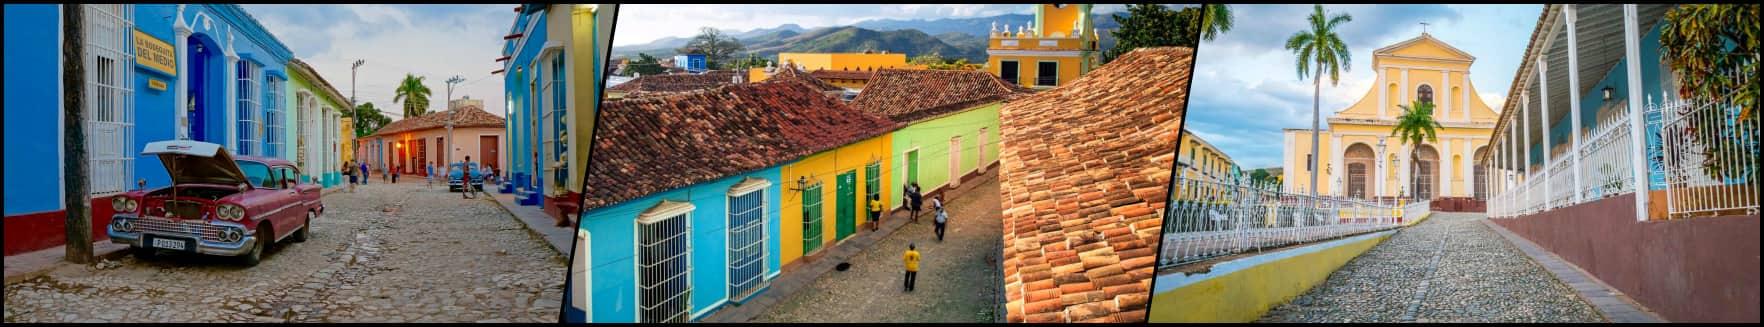 Cuba d5